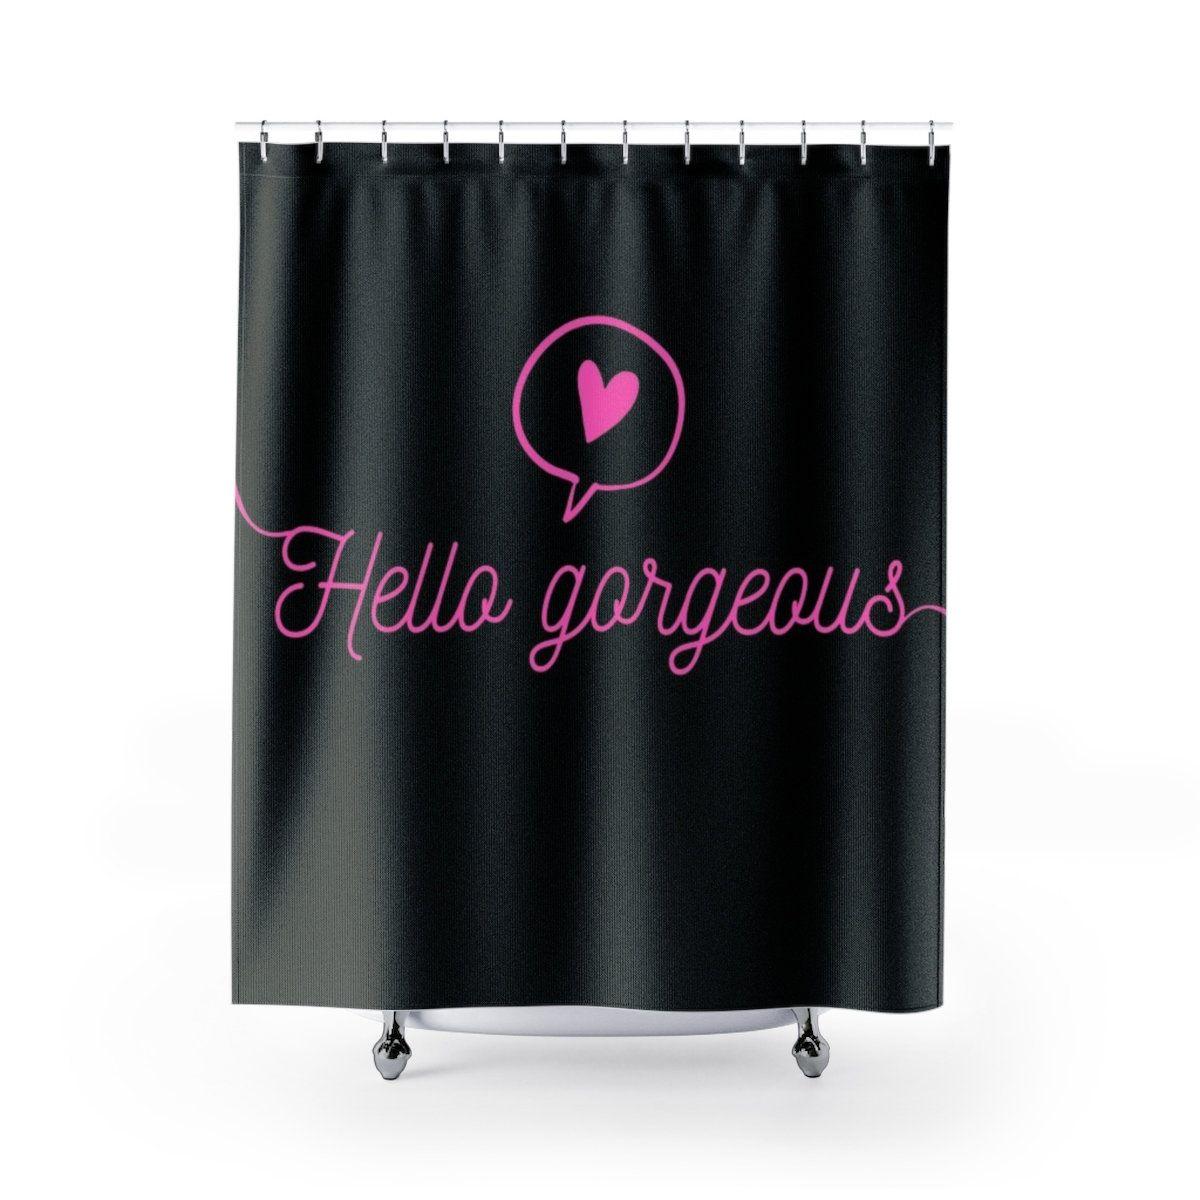 Hello Gorgeous Shower Curtain Vanity Bathroom Decor Positive